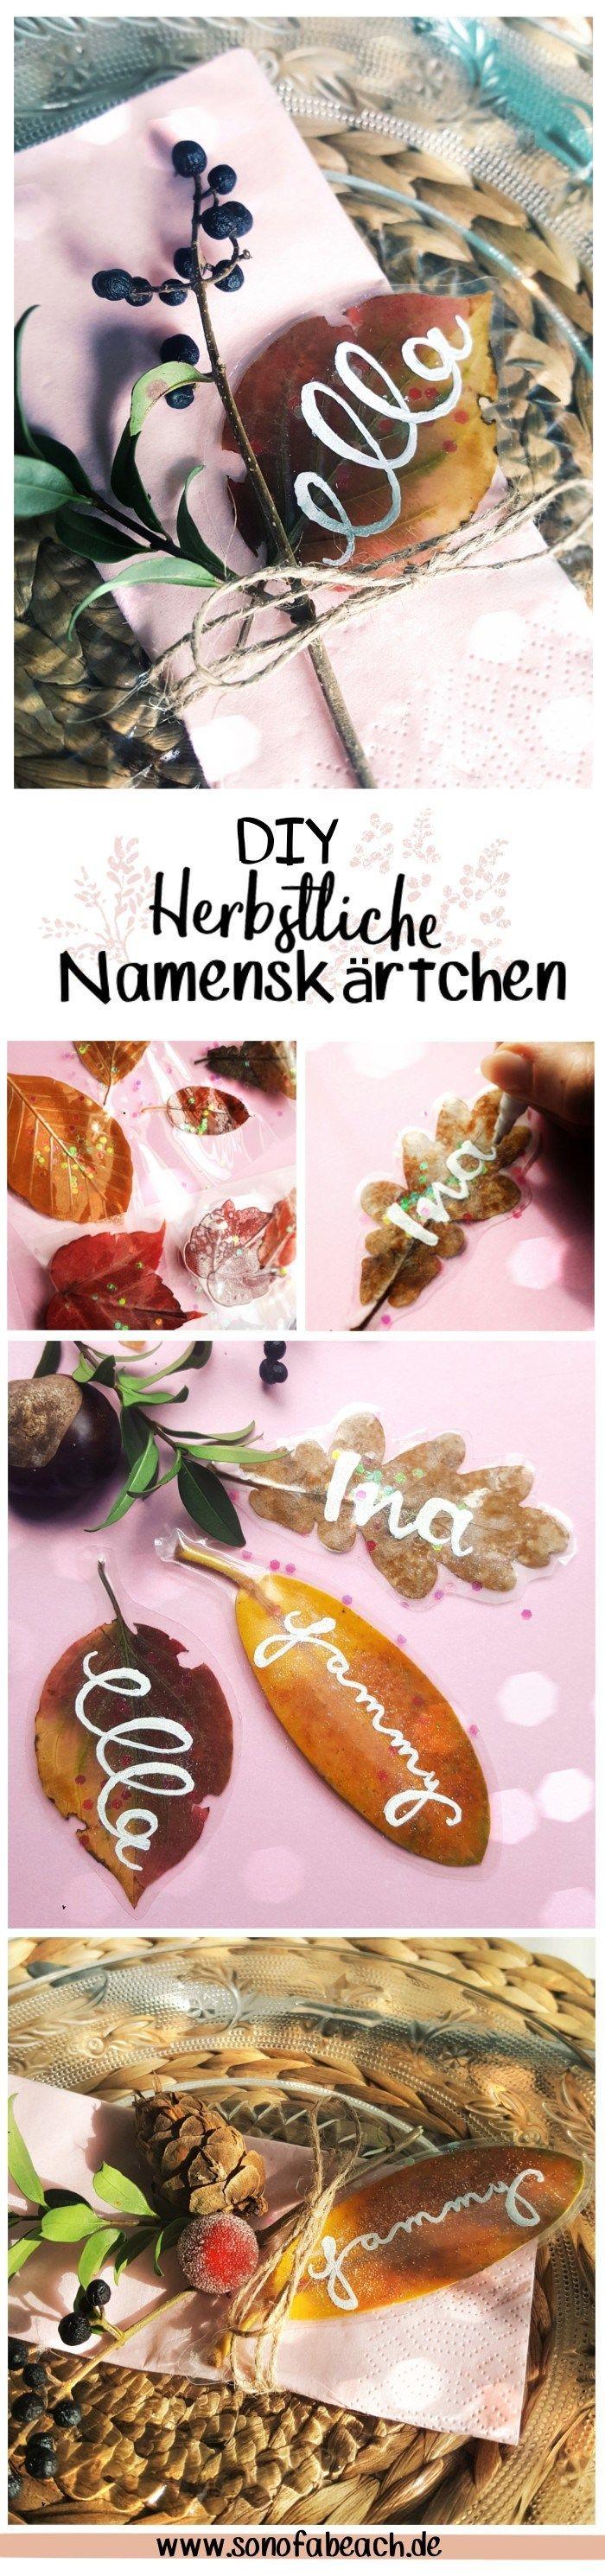 DIY Namenskärtchen aus laminierten Herbstblättern basteln